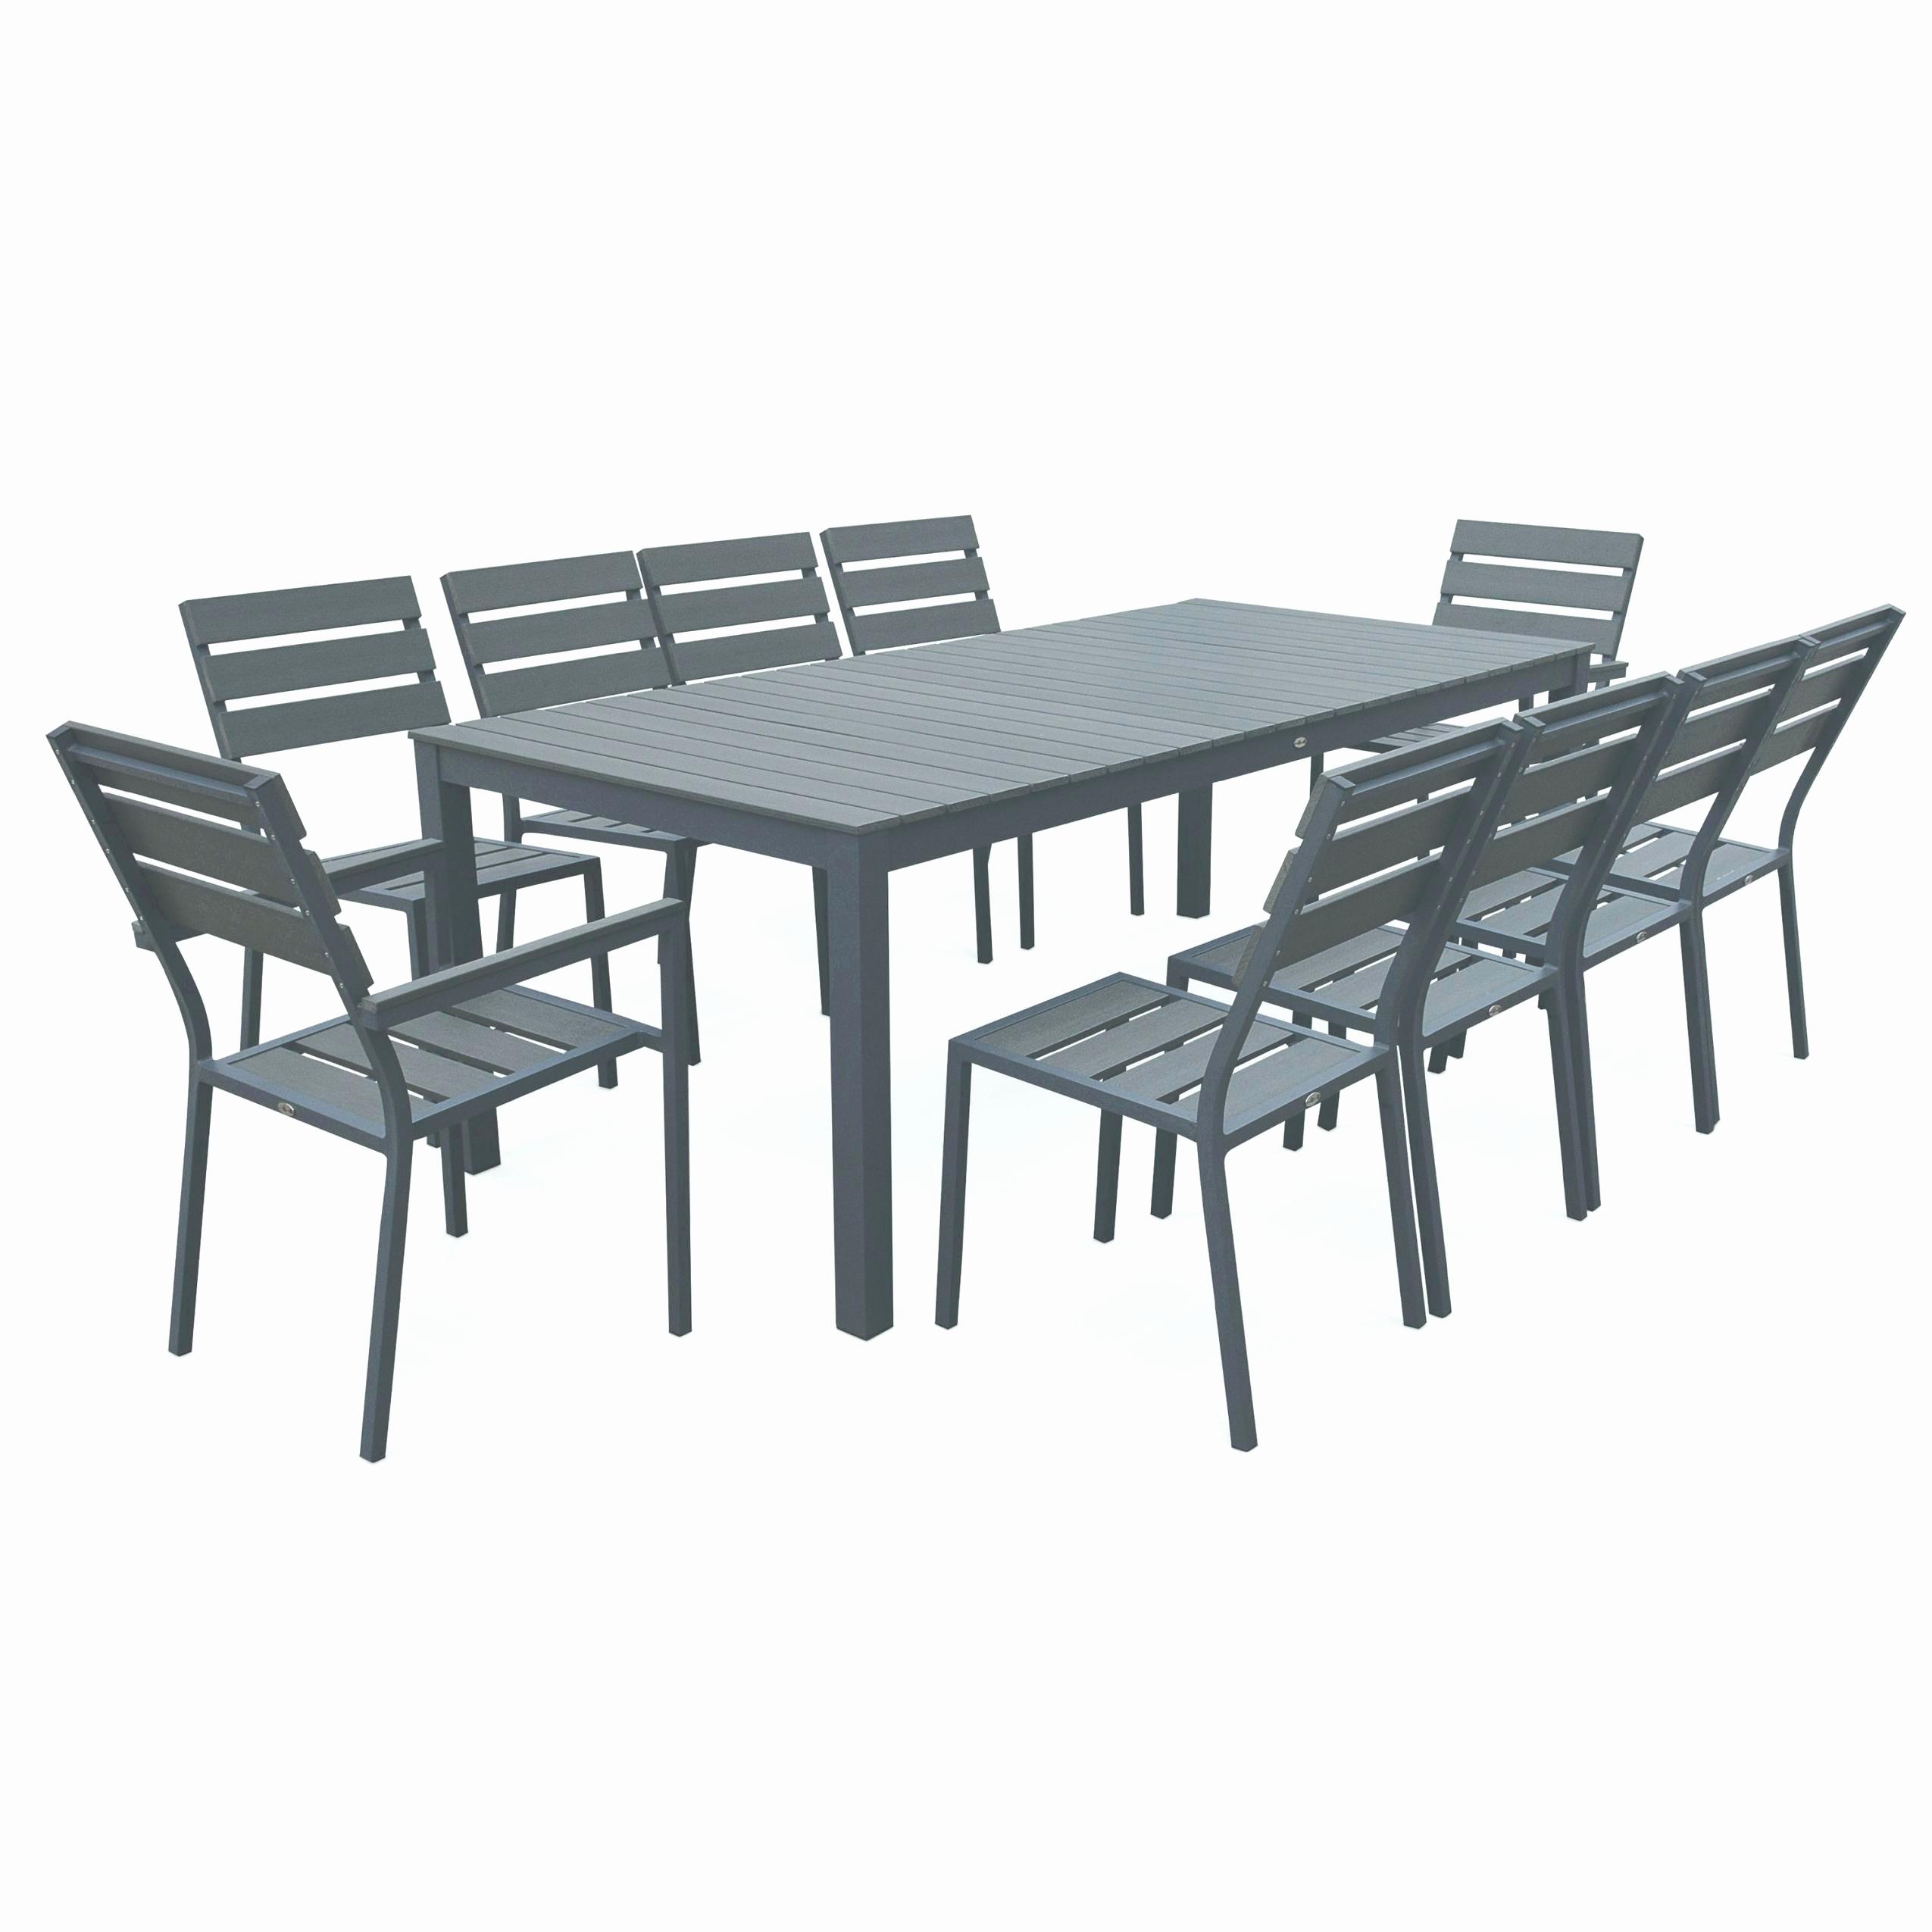 Table De Jardin Exterieur Génial Salon De Jardin En Metal Inspiré Salon De Jardin En Bois Of 33 Charmant Table De Jardin Exterieur